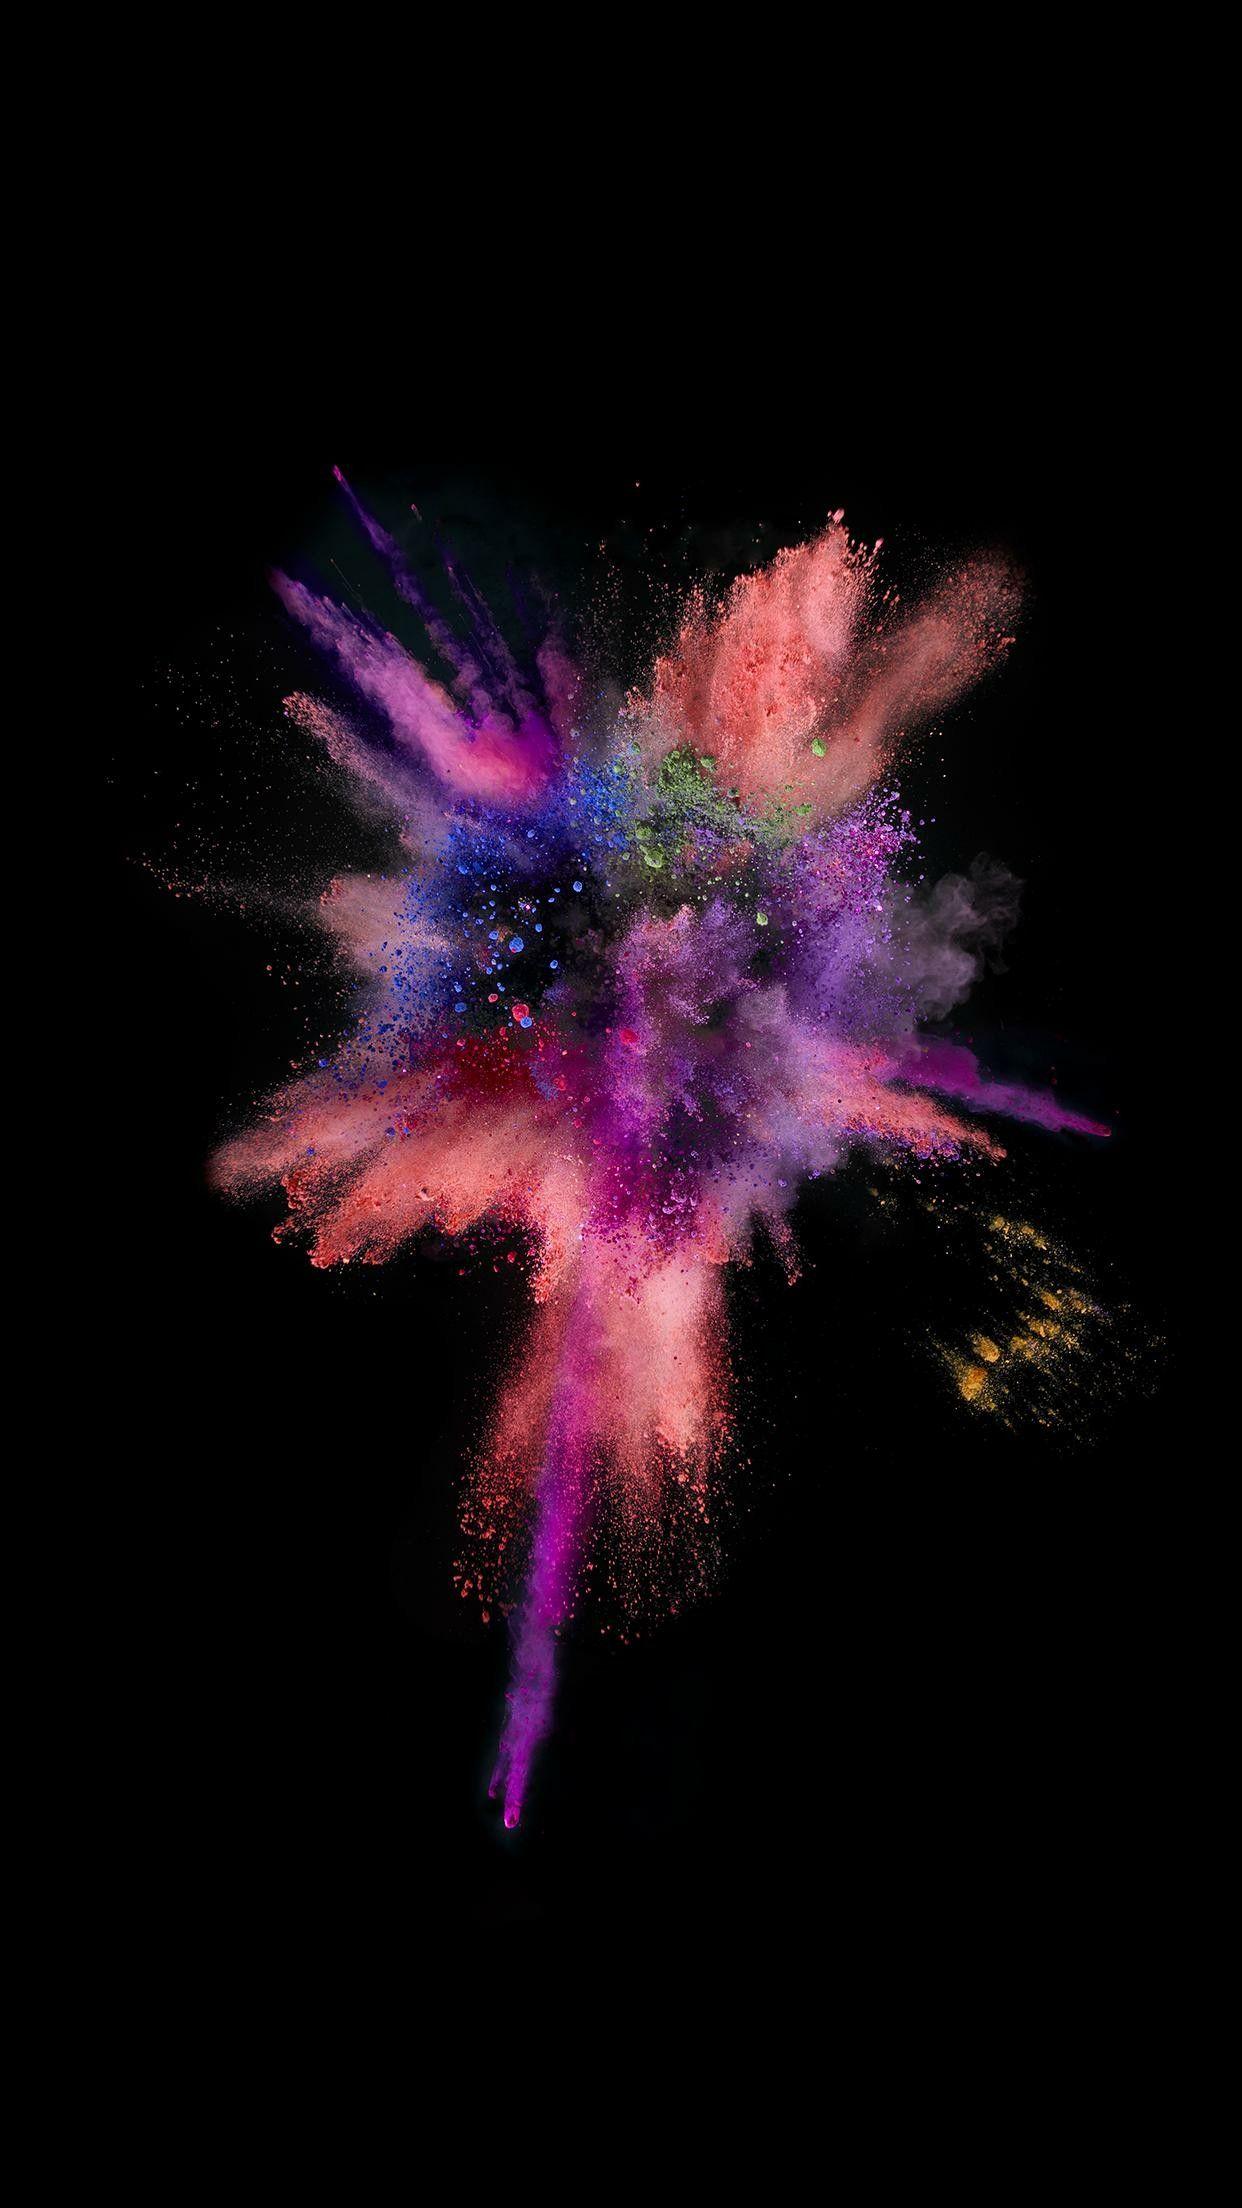 Love This Eye Catching Creation Perfect For Fond D Ecran Couleur Fond D Ecran Telephone Fond D Ecran De Fumee